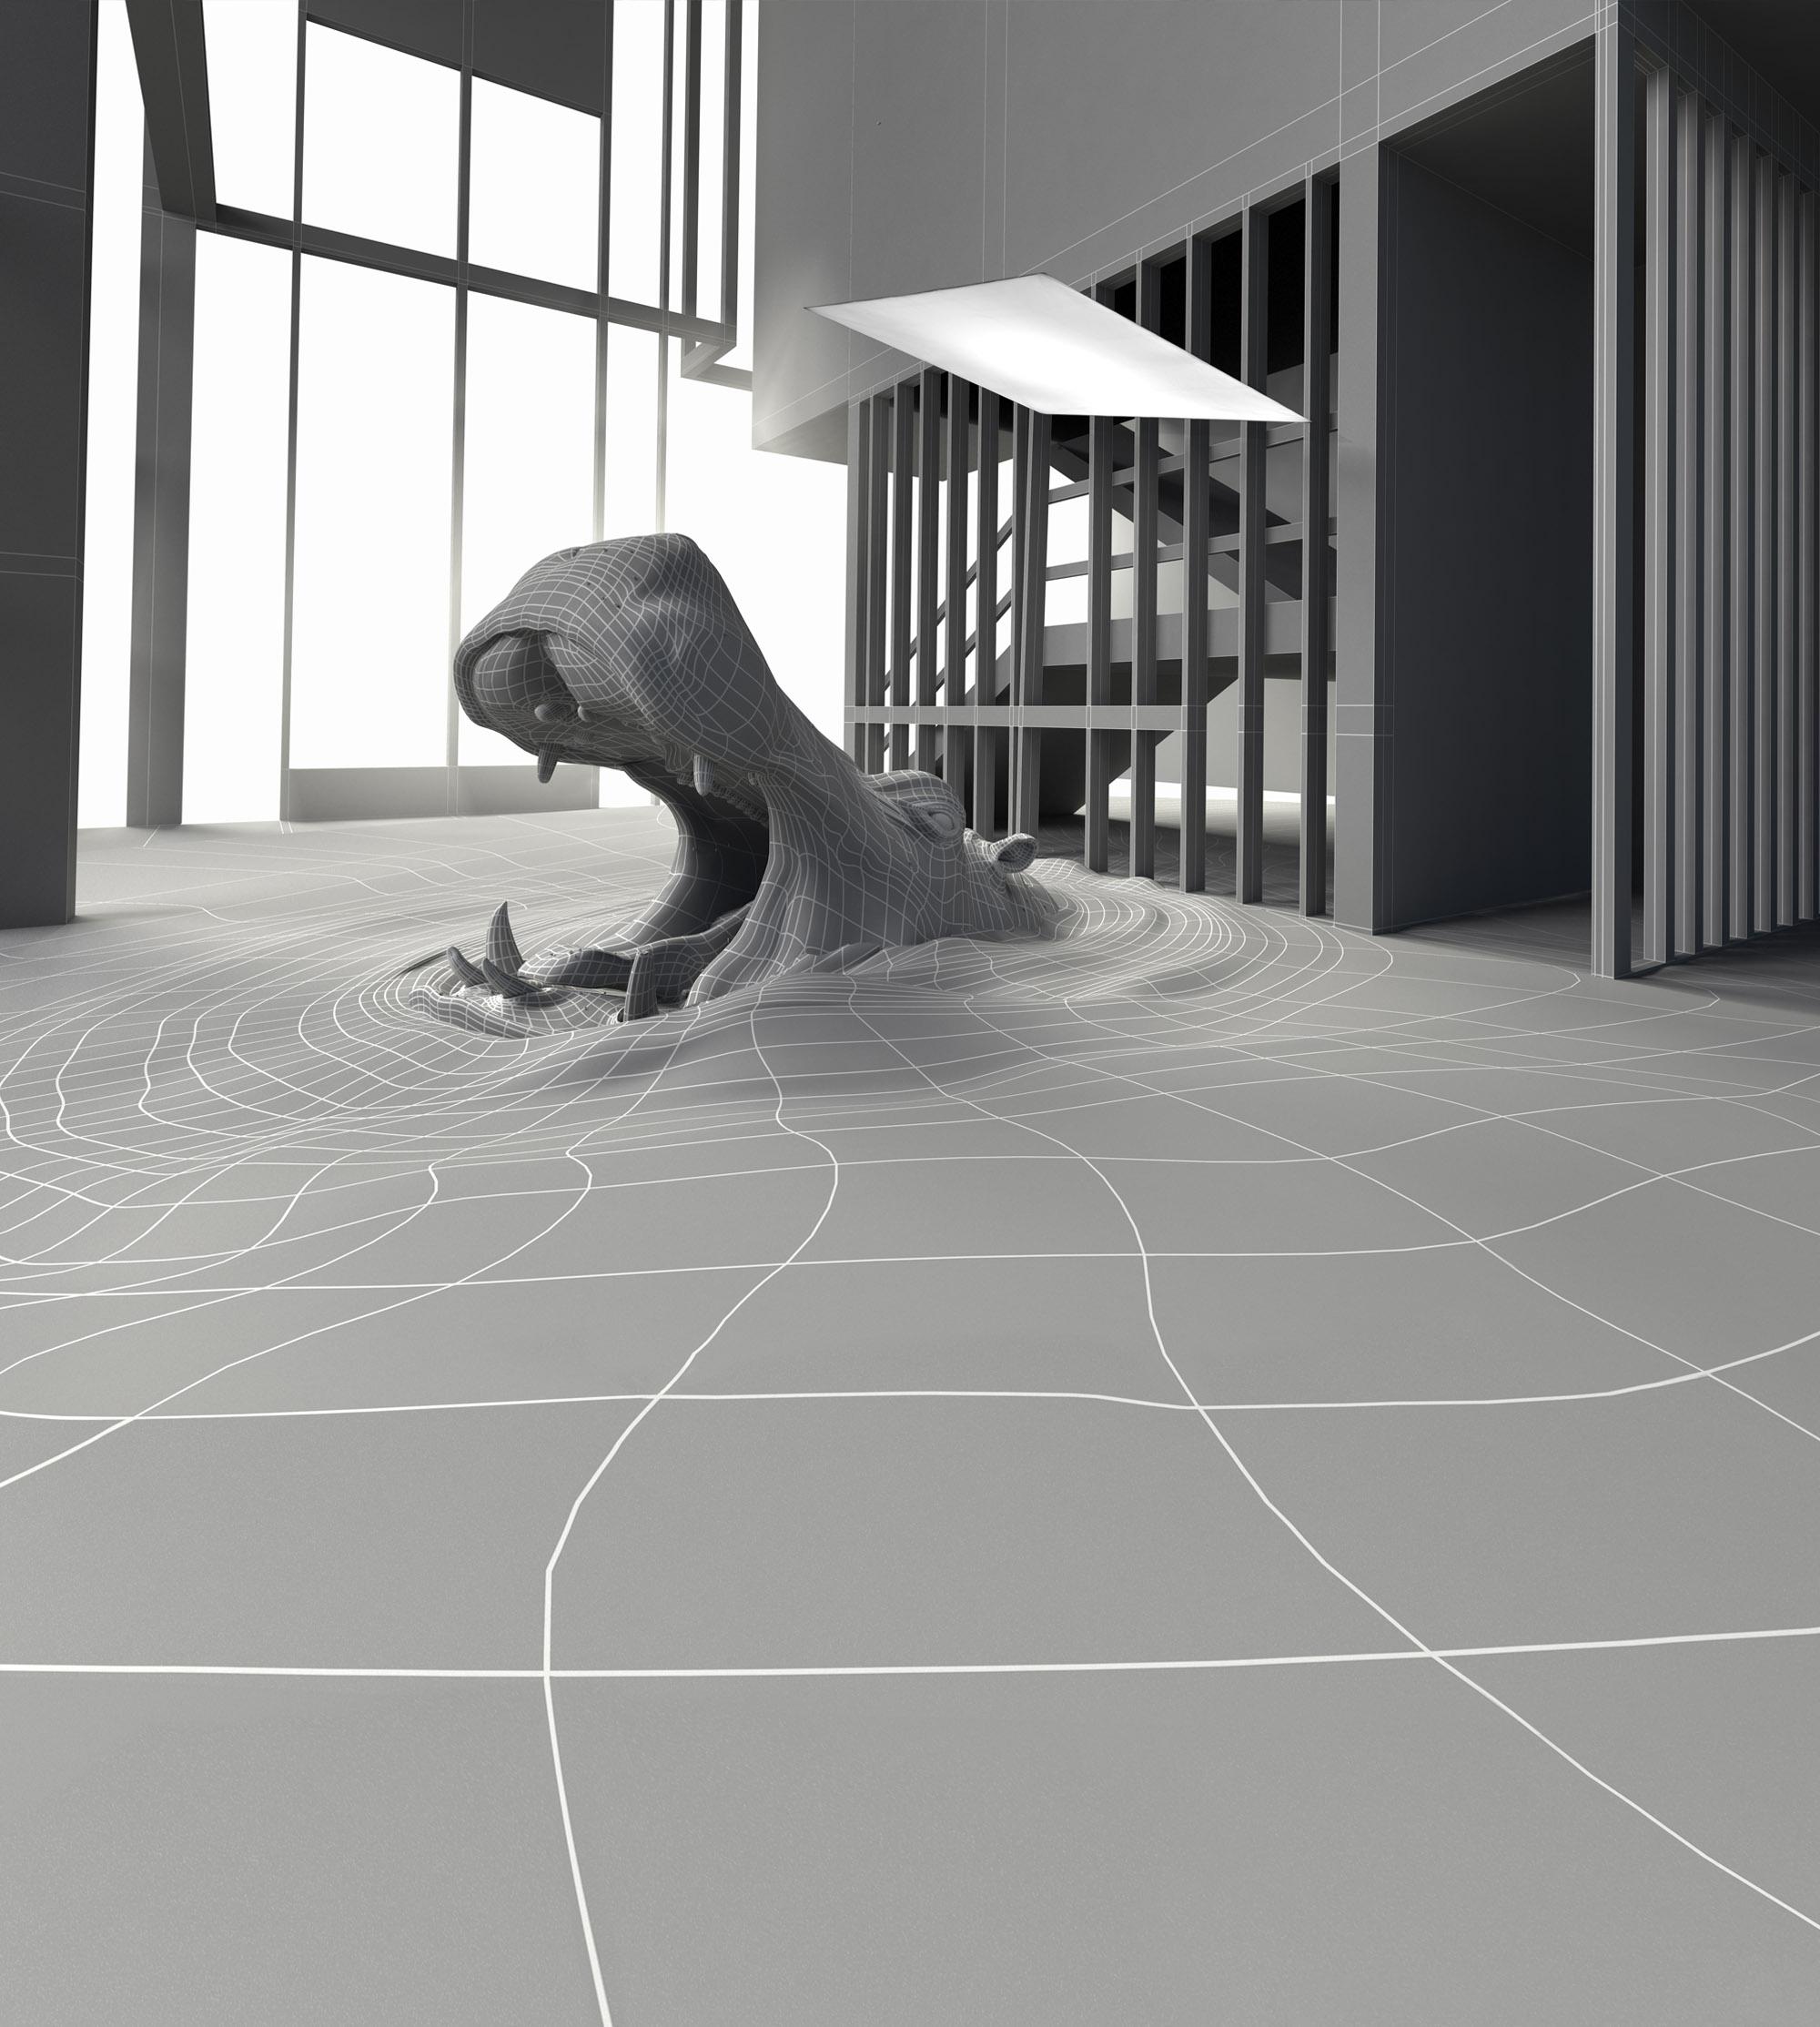 Les Photomanipulations et créations 3D bluffantes de Filtre Studio